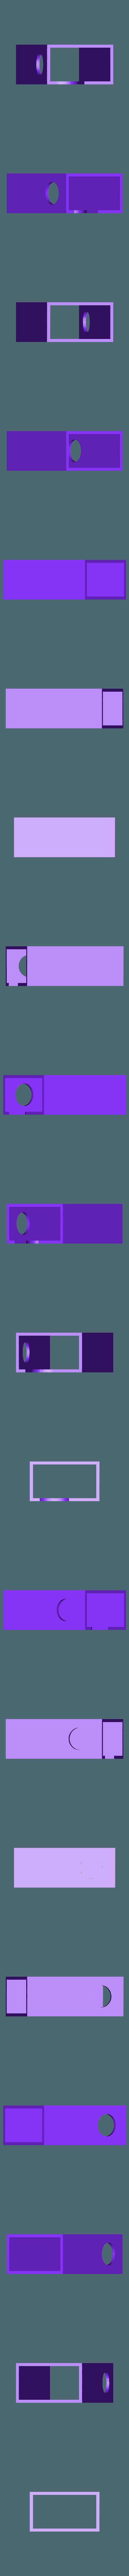 hero3_case.stl Télécharger fichier STL gratuit Clone Readytosky Alien Hero3 / Monture 3+ • Modèle pour imprimante 3D, Gophy